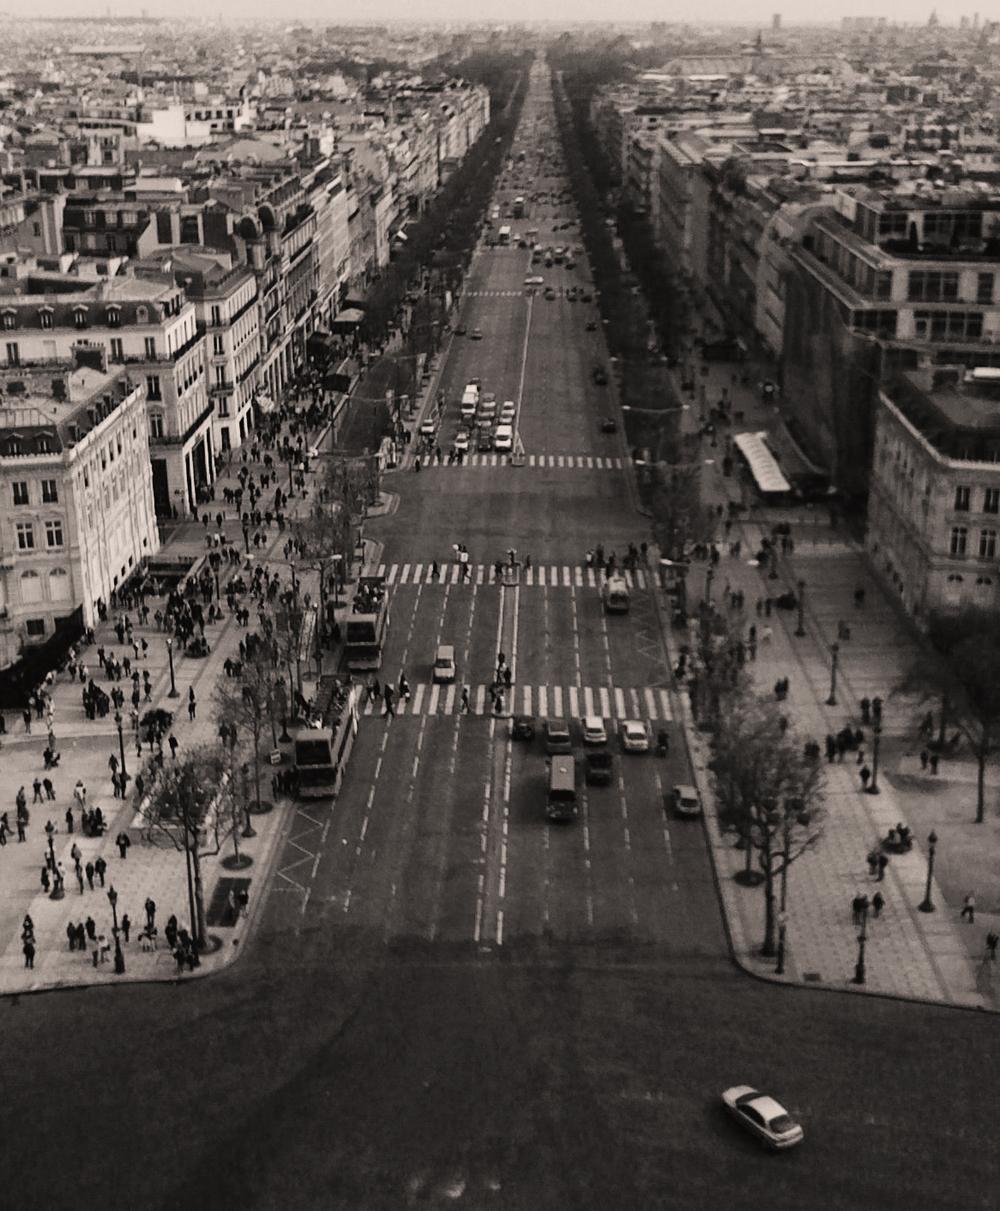 Champs - Élysées, Paris, France, film